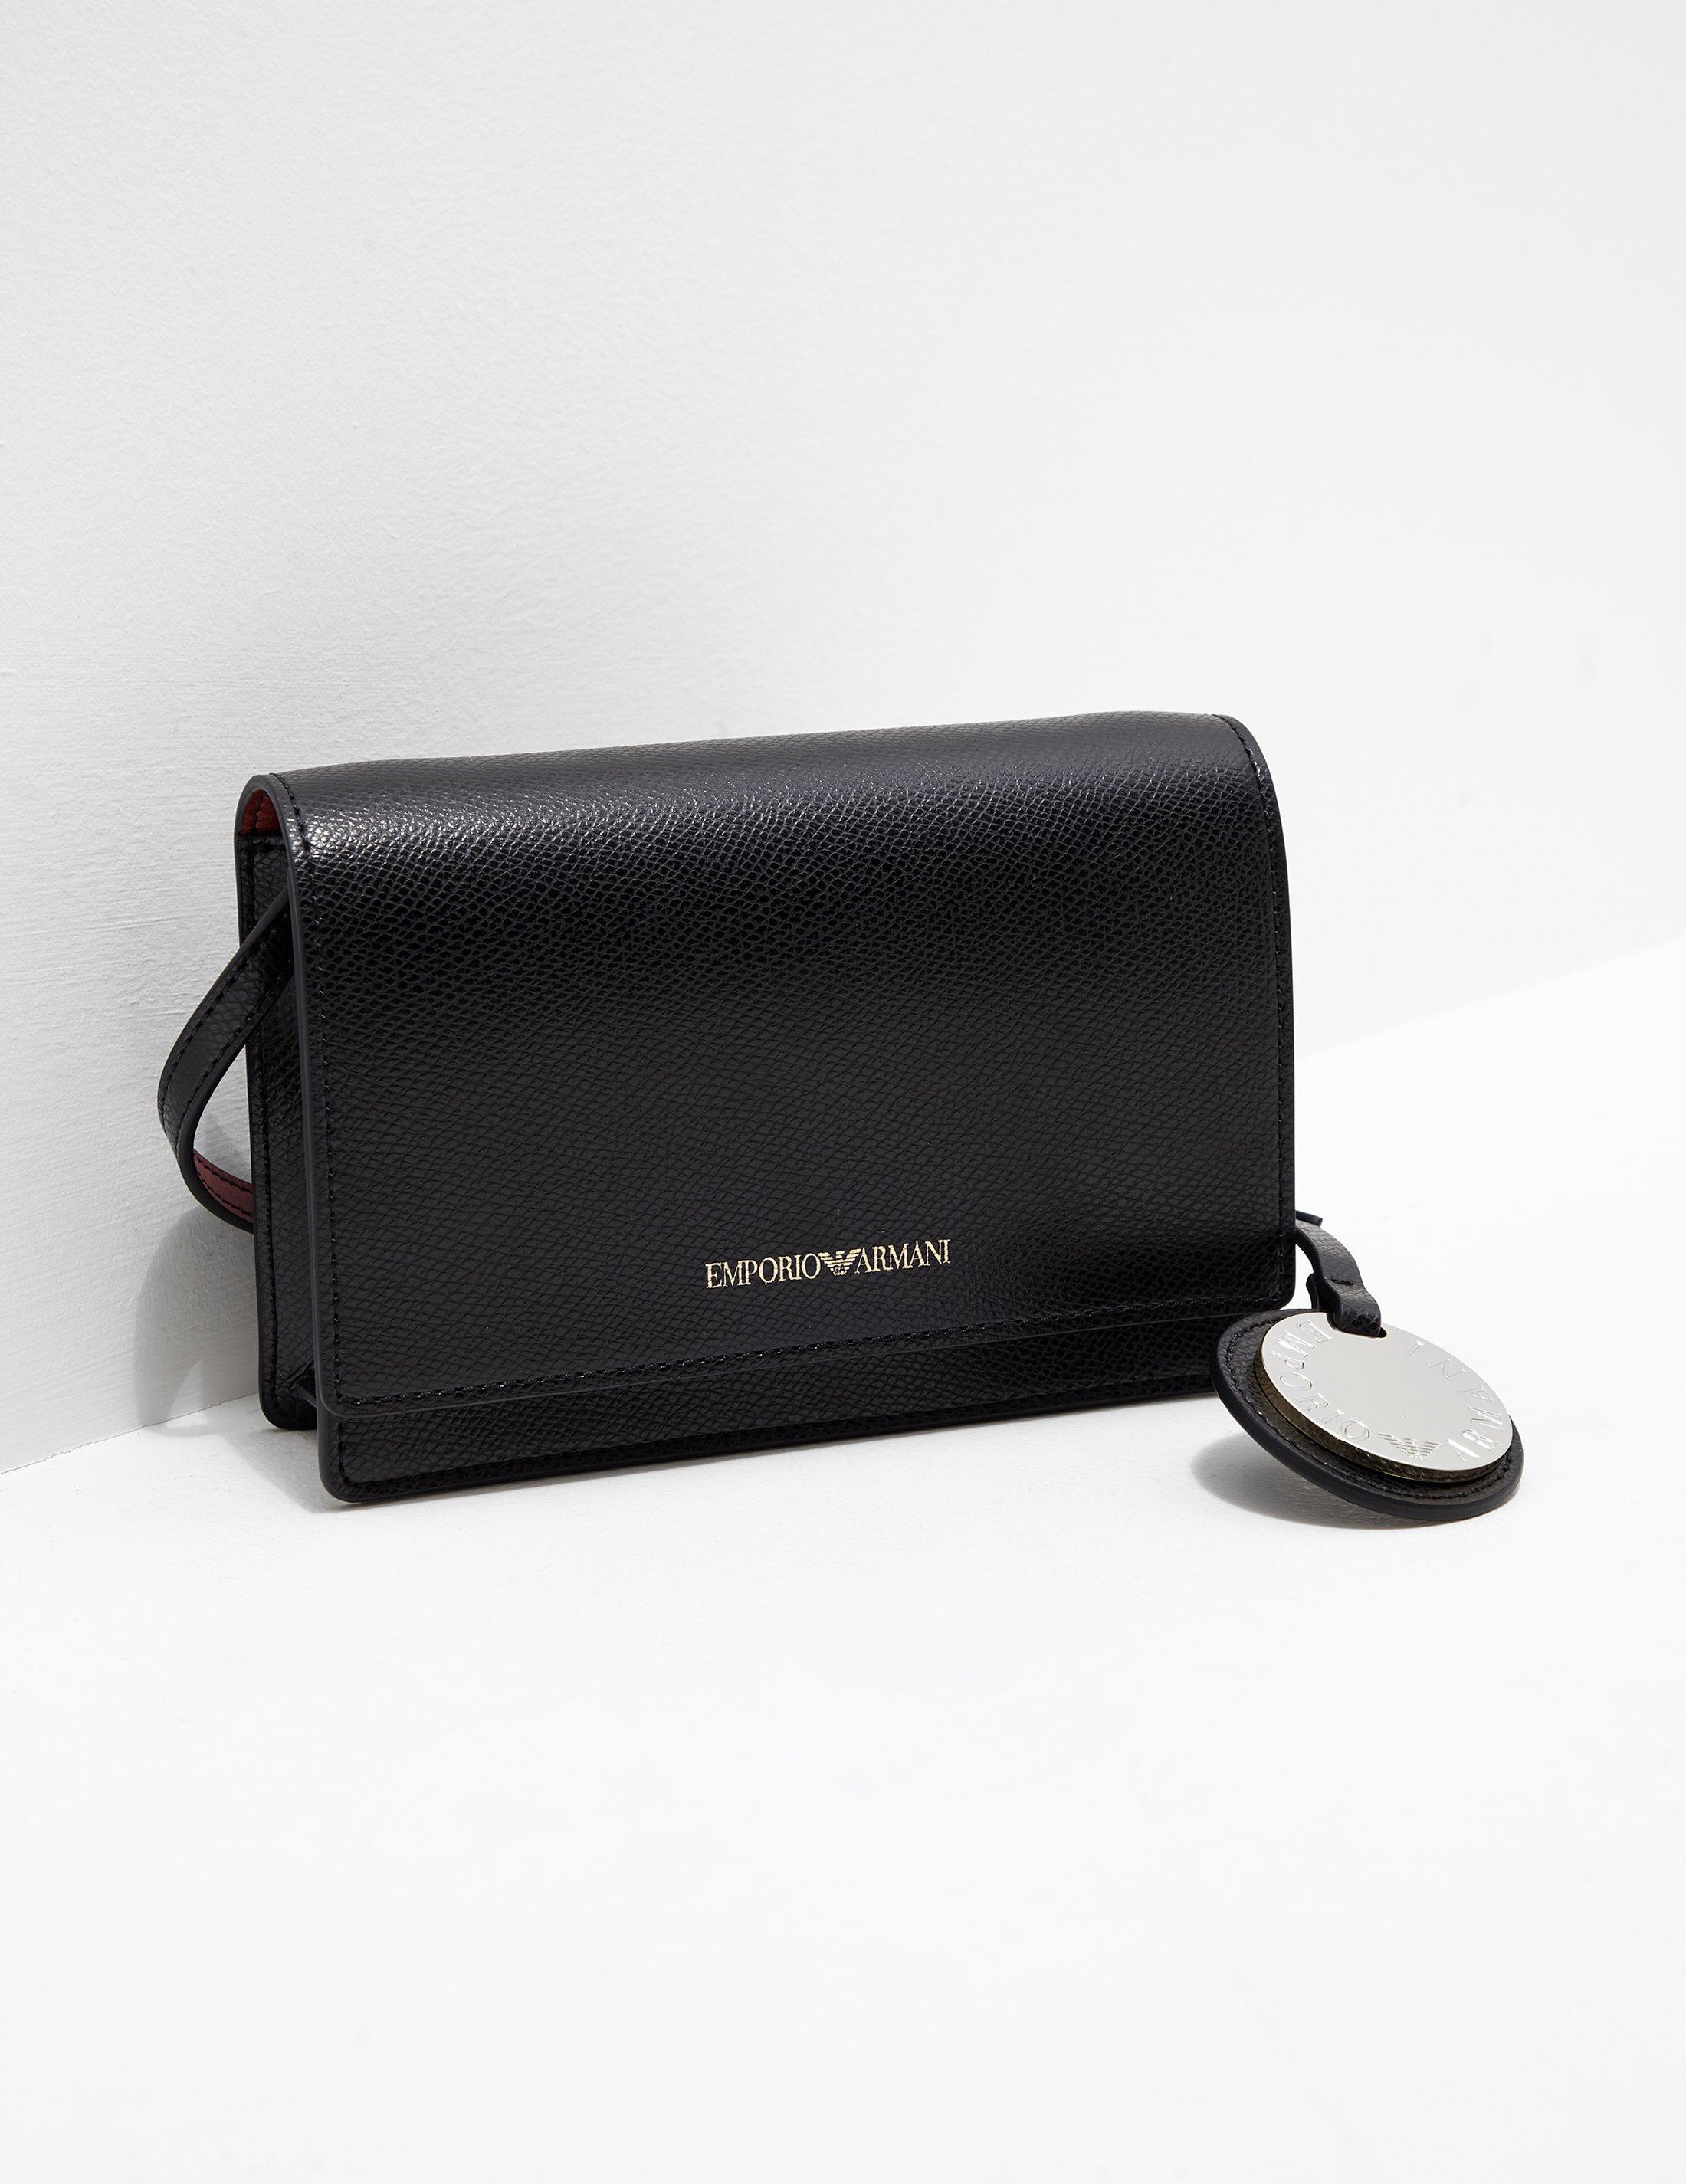 Emporio Armani Womens Crossbody Bag Black in Black - Lyst 83db8a0c27da3